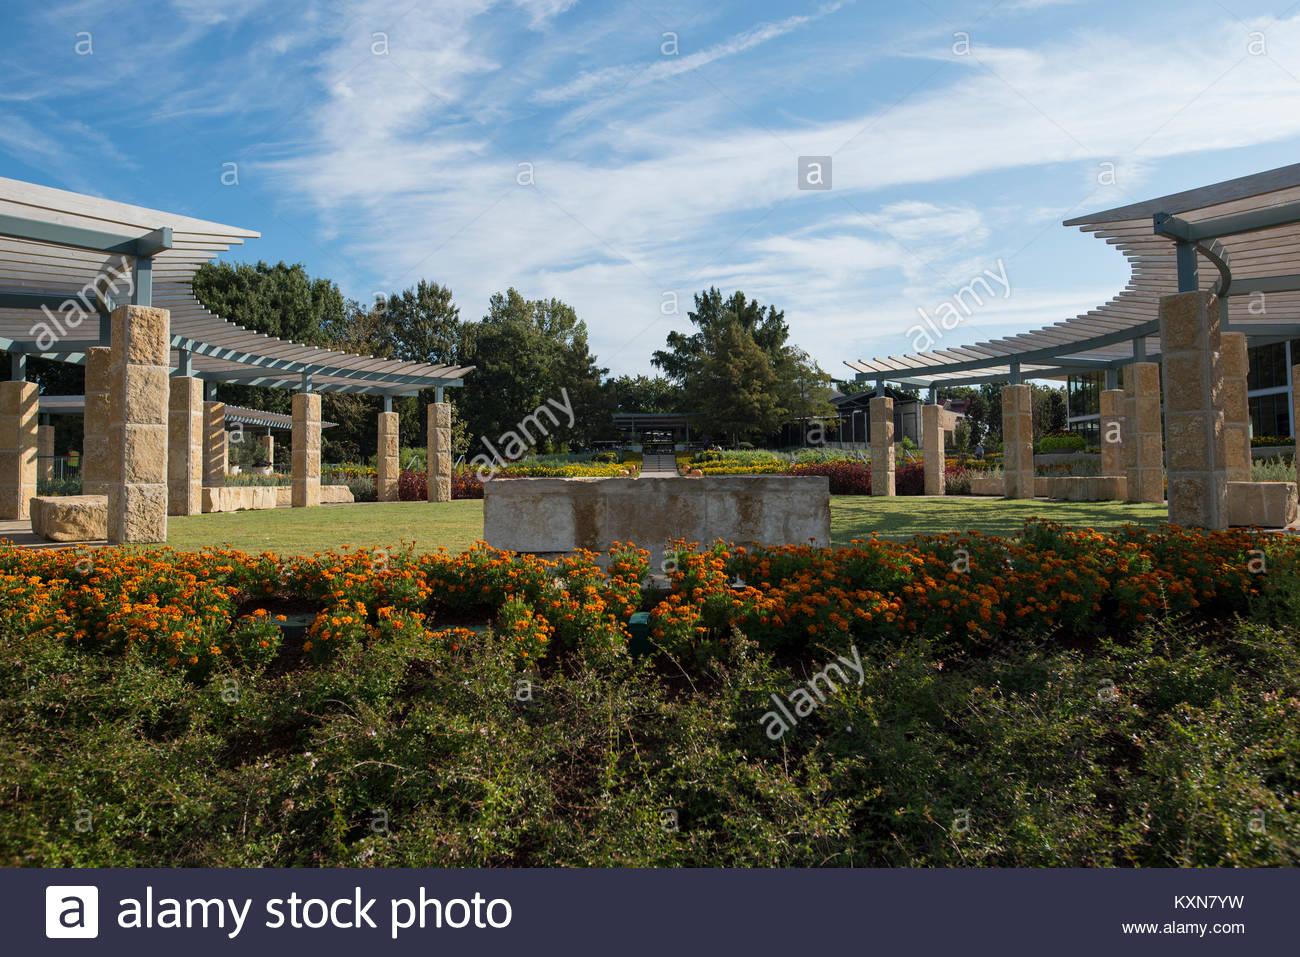 Dallas Arboretum Stock Photos & Dallas Arboretum Stock Images - Alamy